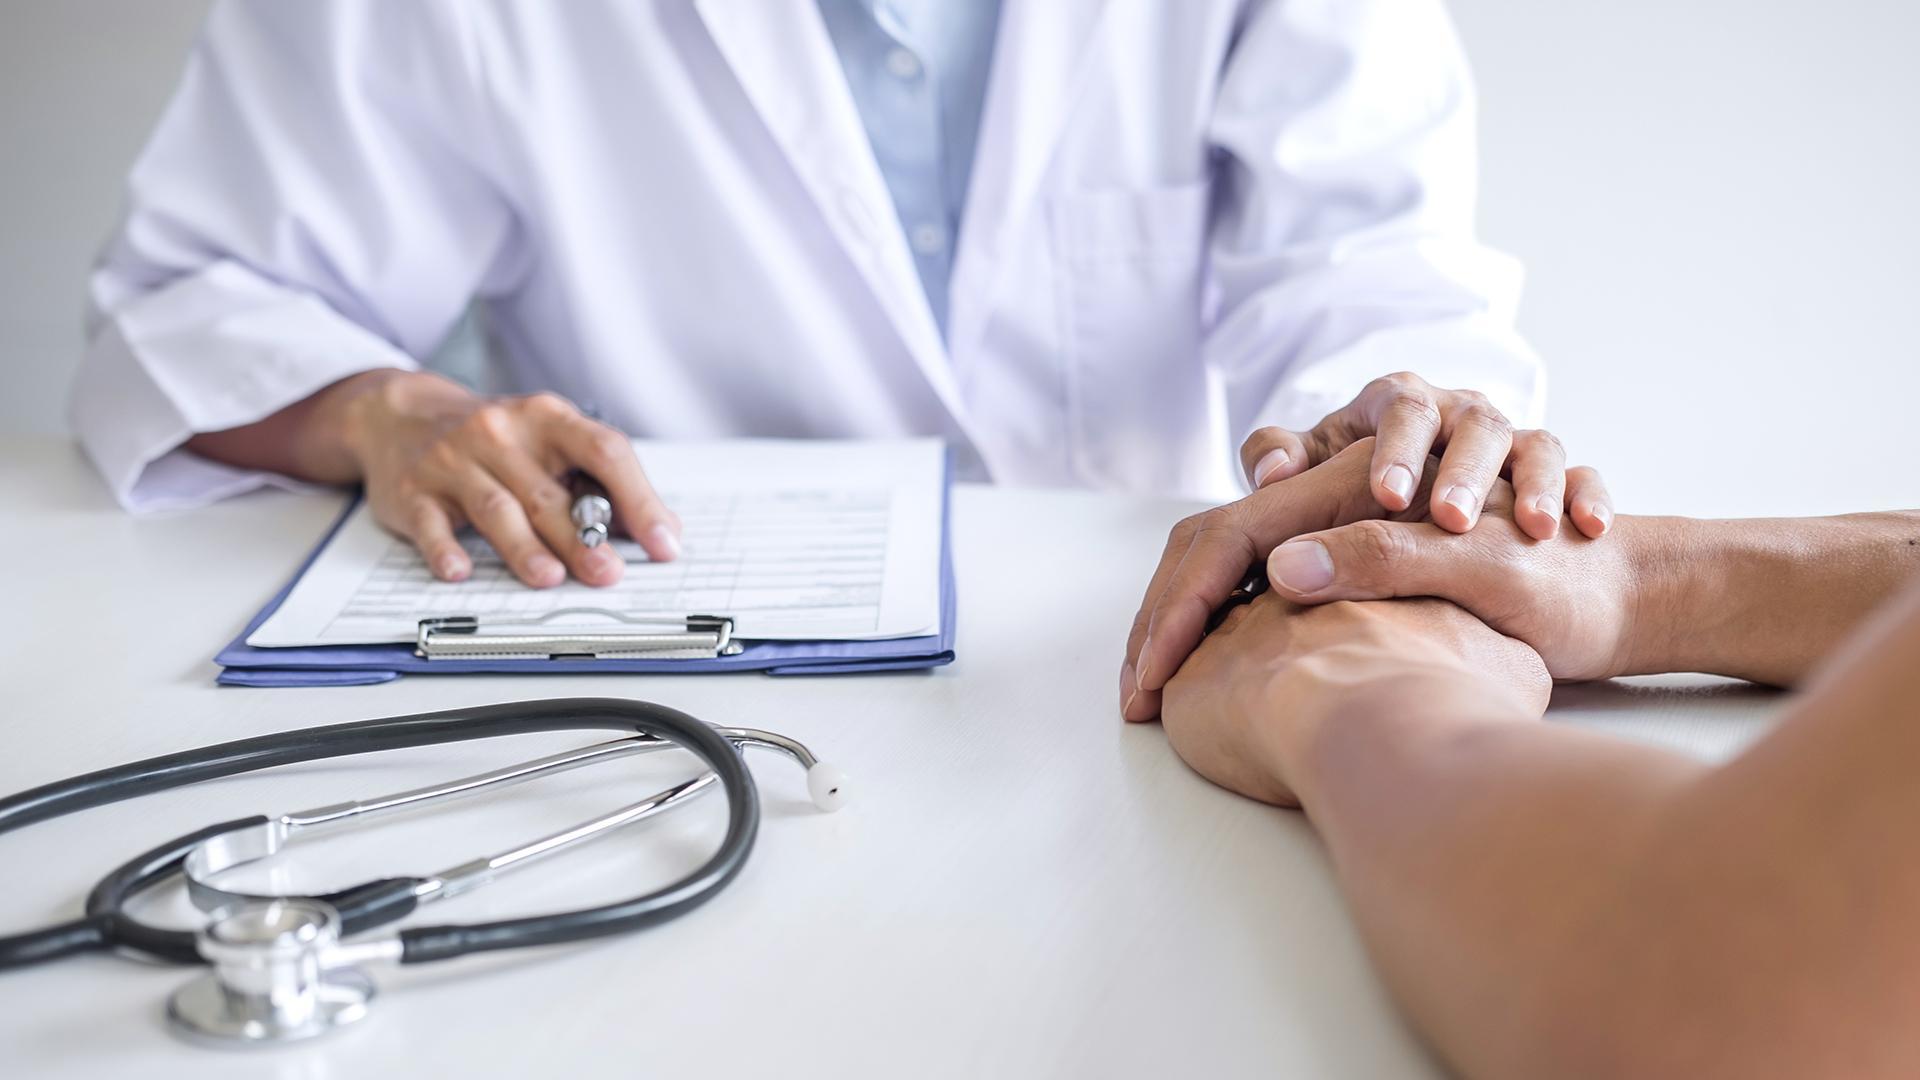 Кортексин 5 мг в уколах поможет при неврологических проблемах